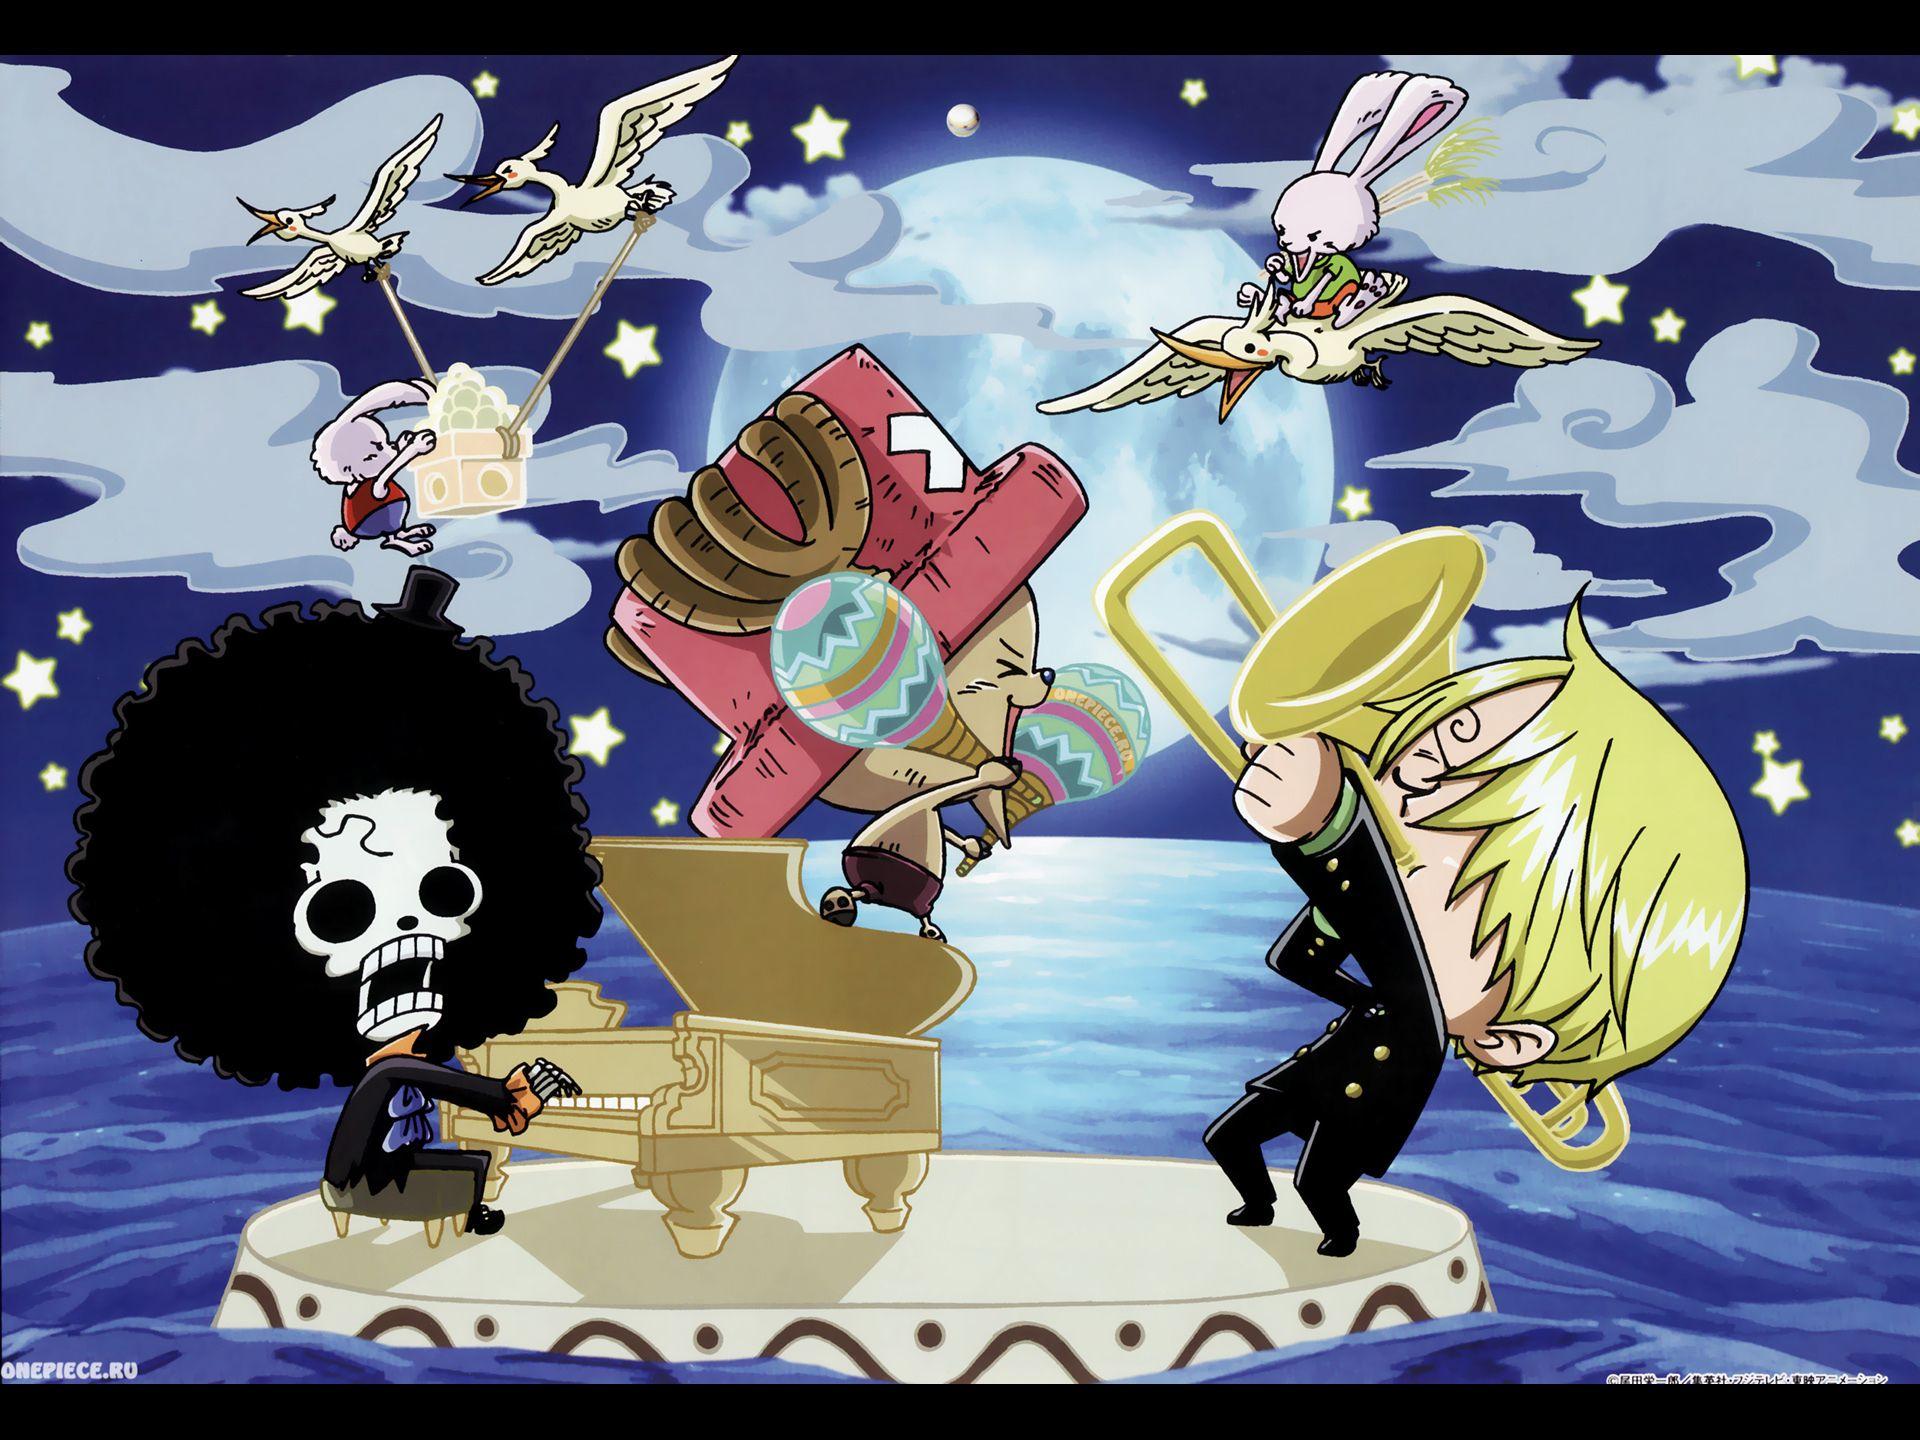 ワンピース 壁紙 One Piece Wallpaper 画像あり 壁紙 ワンピース 壁紙 世界